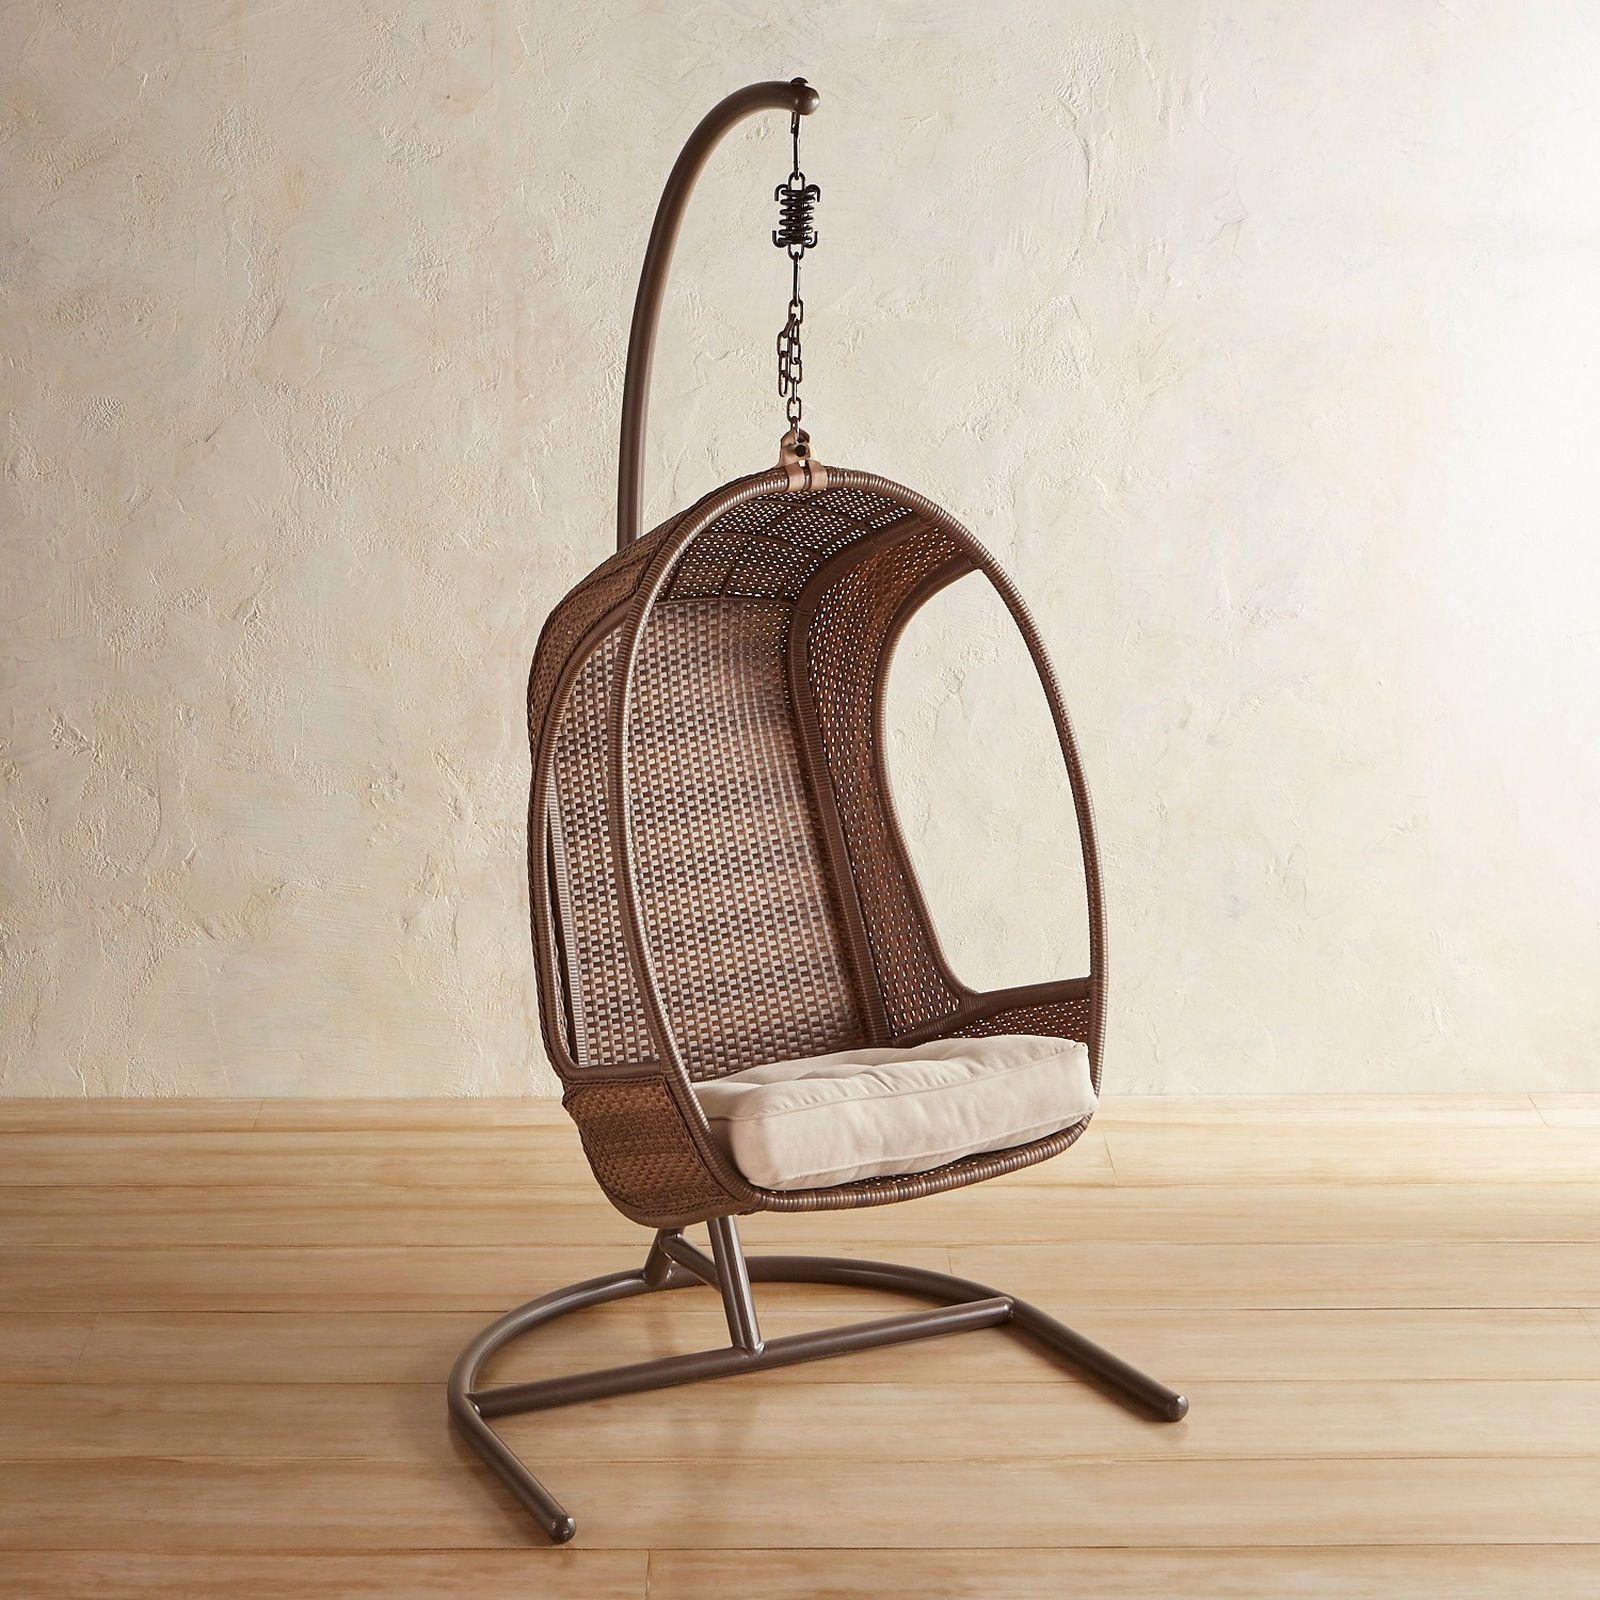 Swingasan® Sadie Latte Hanging Chair | Pier 1 Imports ...